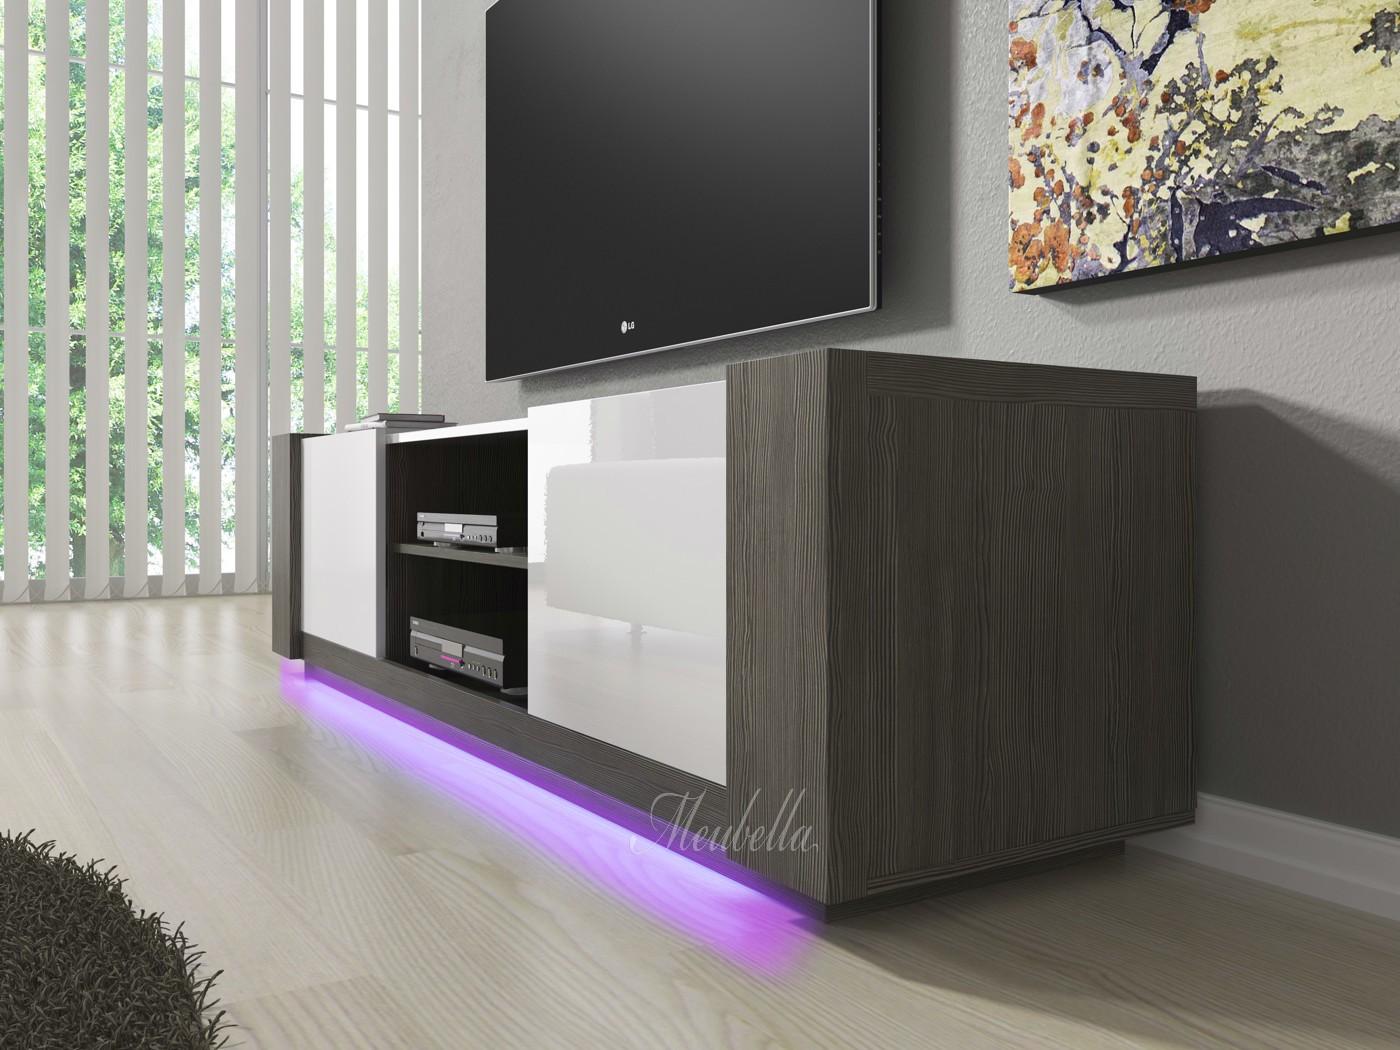 #6B339823534200 TV Meubel Arulo Met LED Grijs Eiken Wit 160 Cm Meubella Van de bovenste plank Design Eiken Meubels 1143 beeld 140010501143 Inspiratie